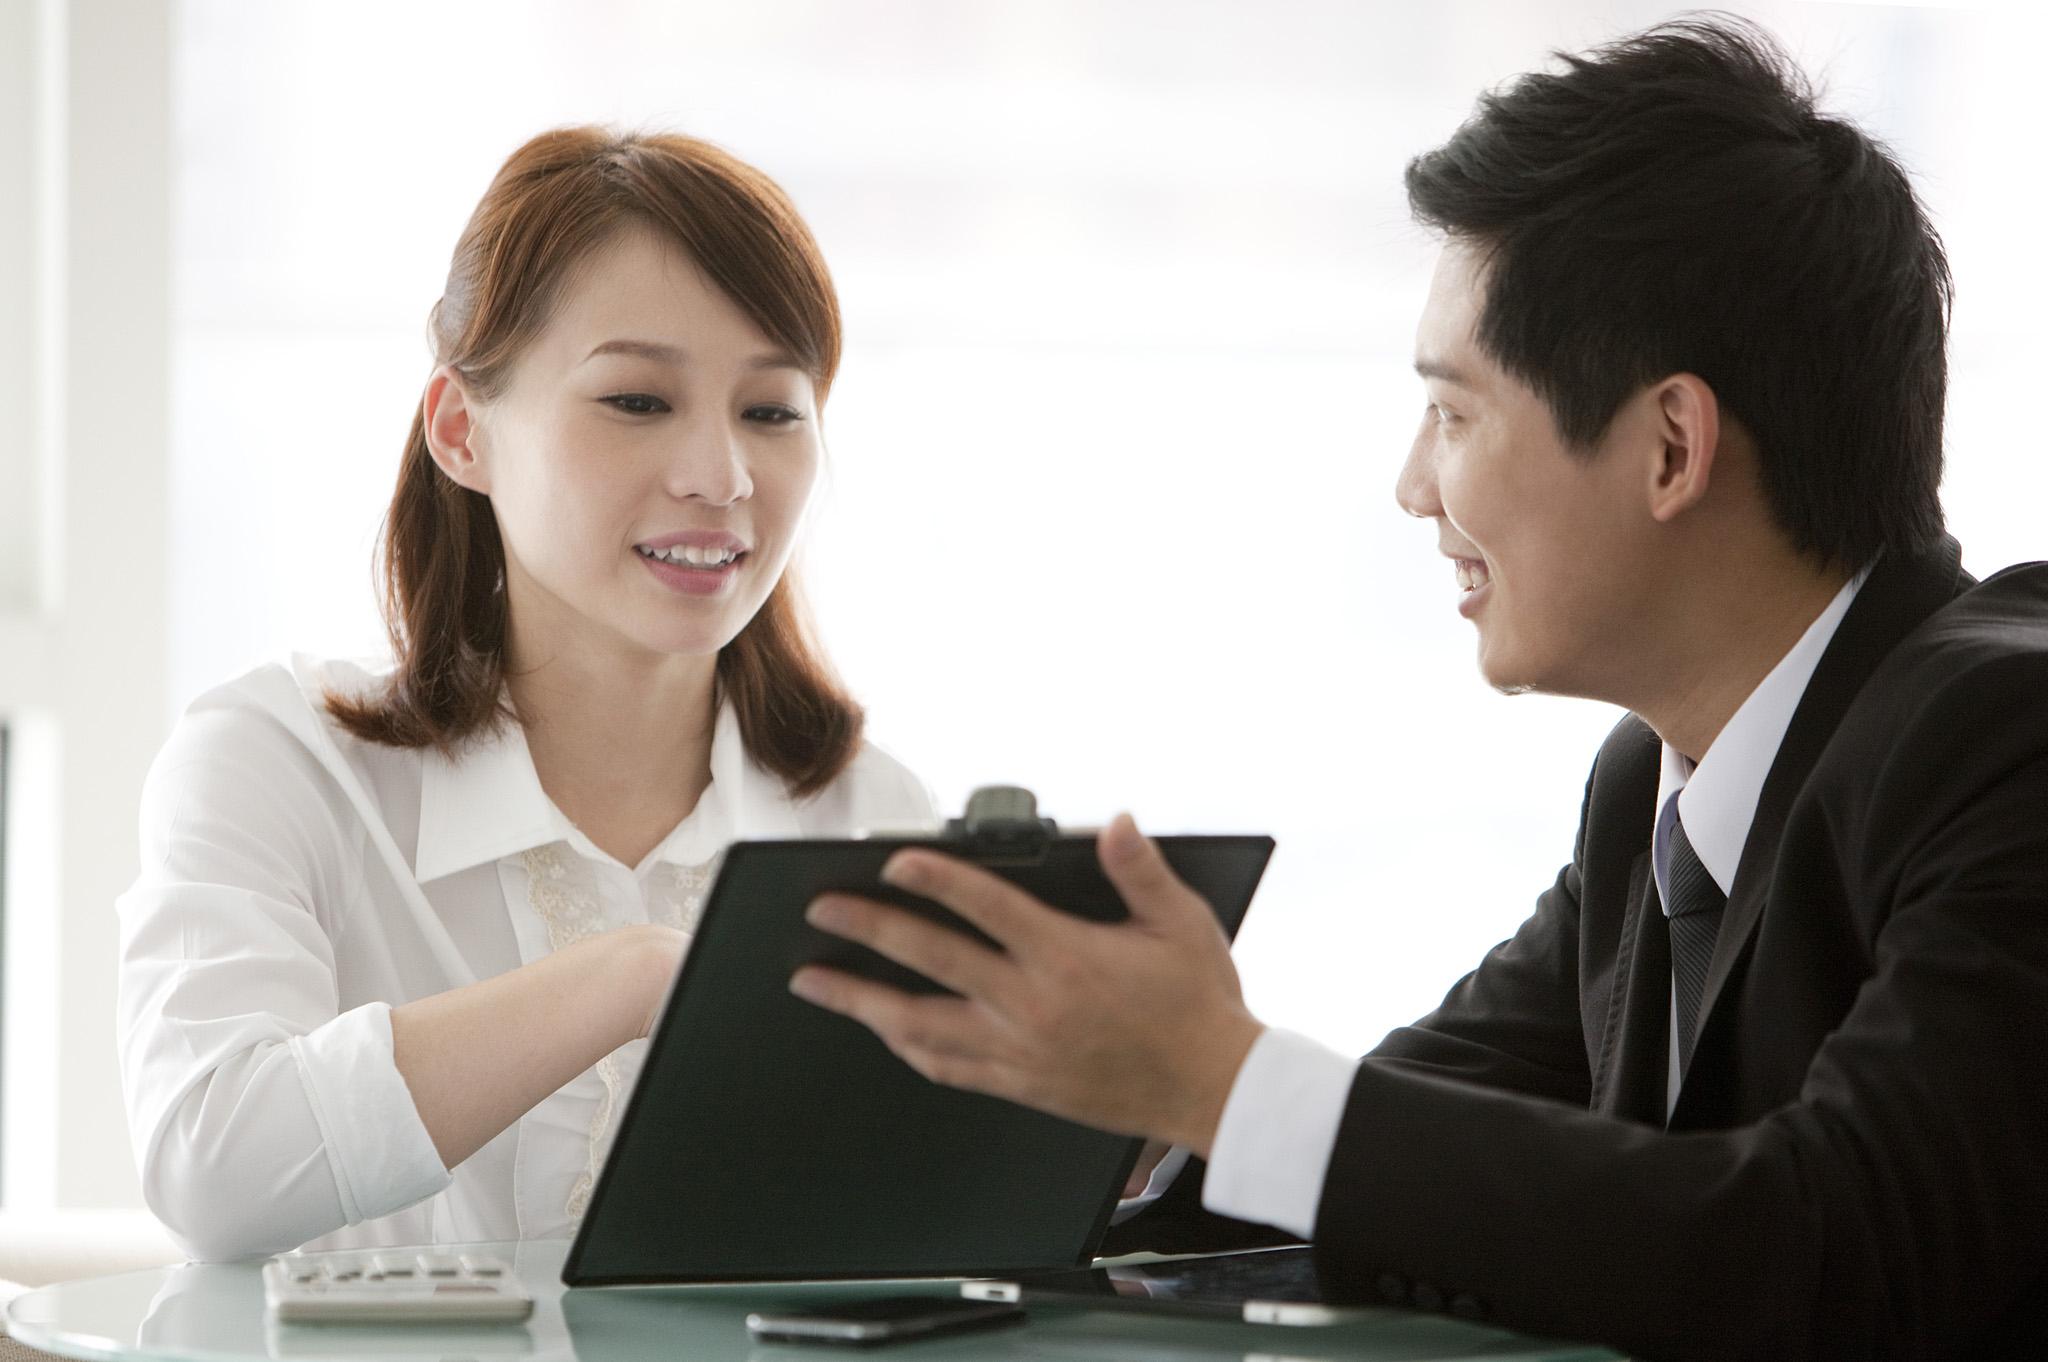 保戶對於保險公司之書面詢問,應據實說明,以免損及保險權益。